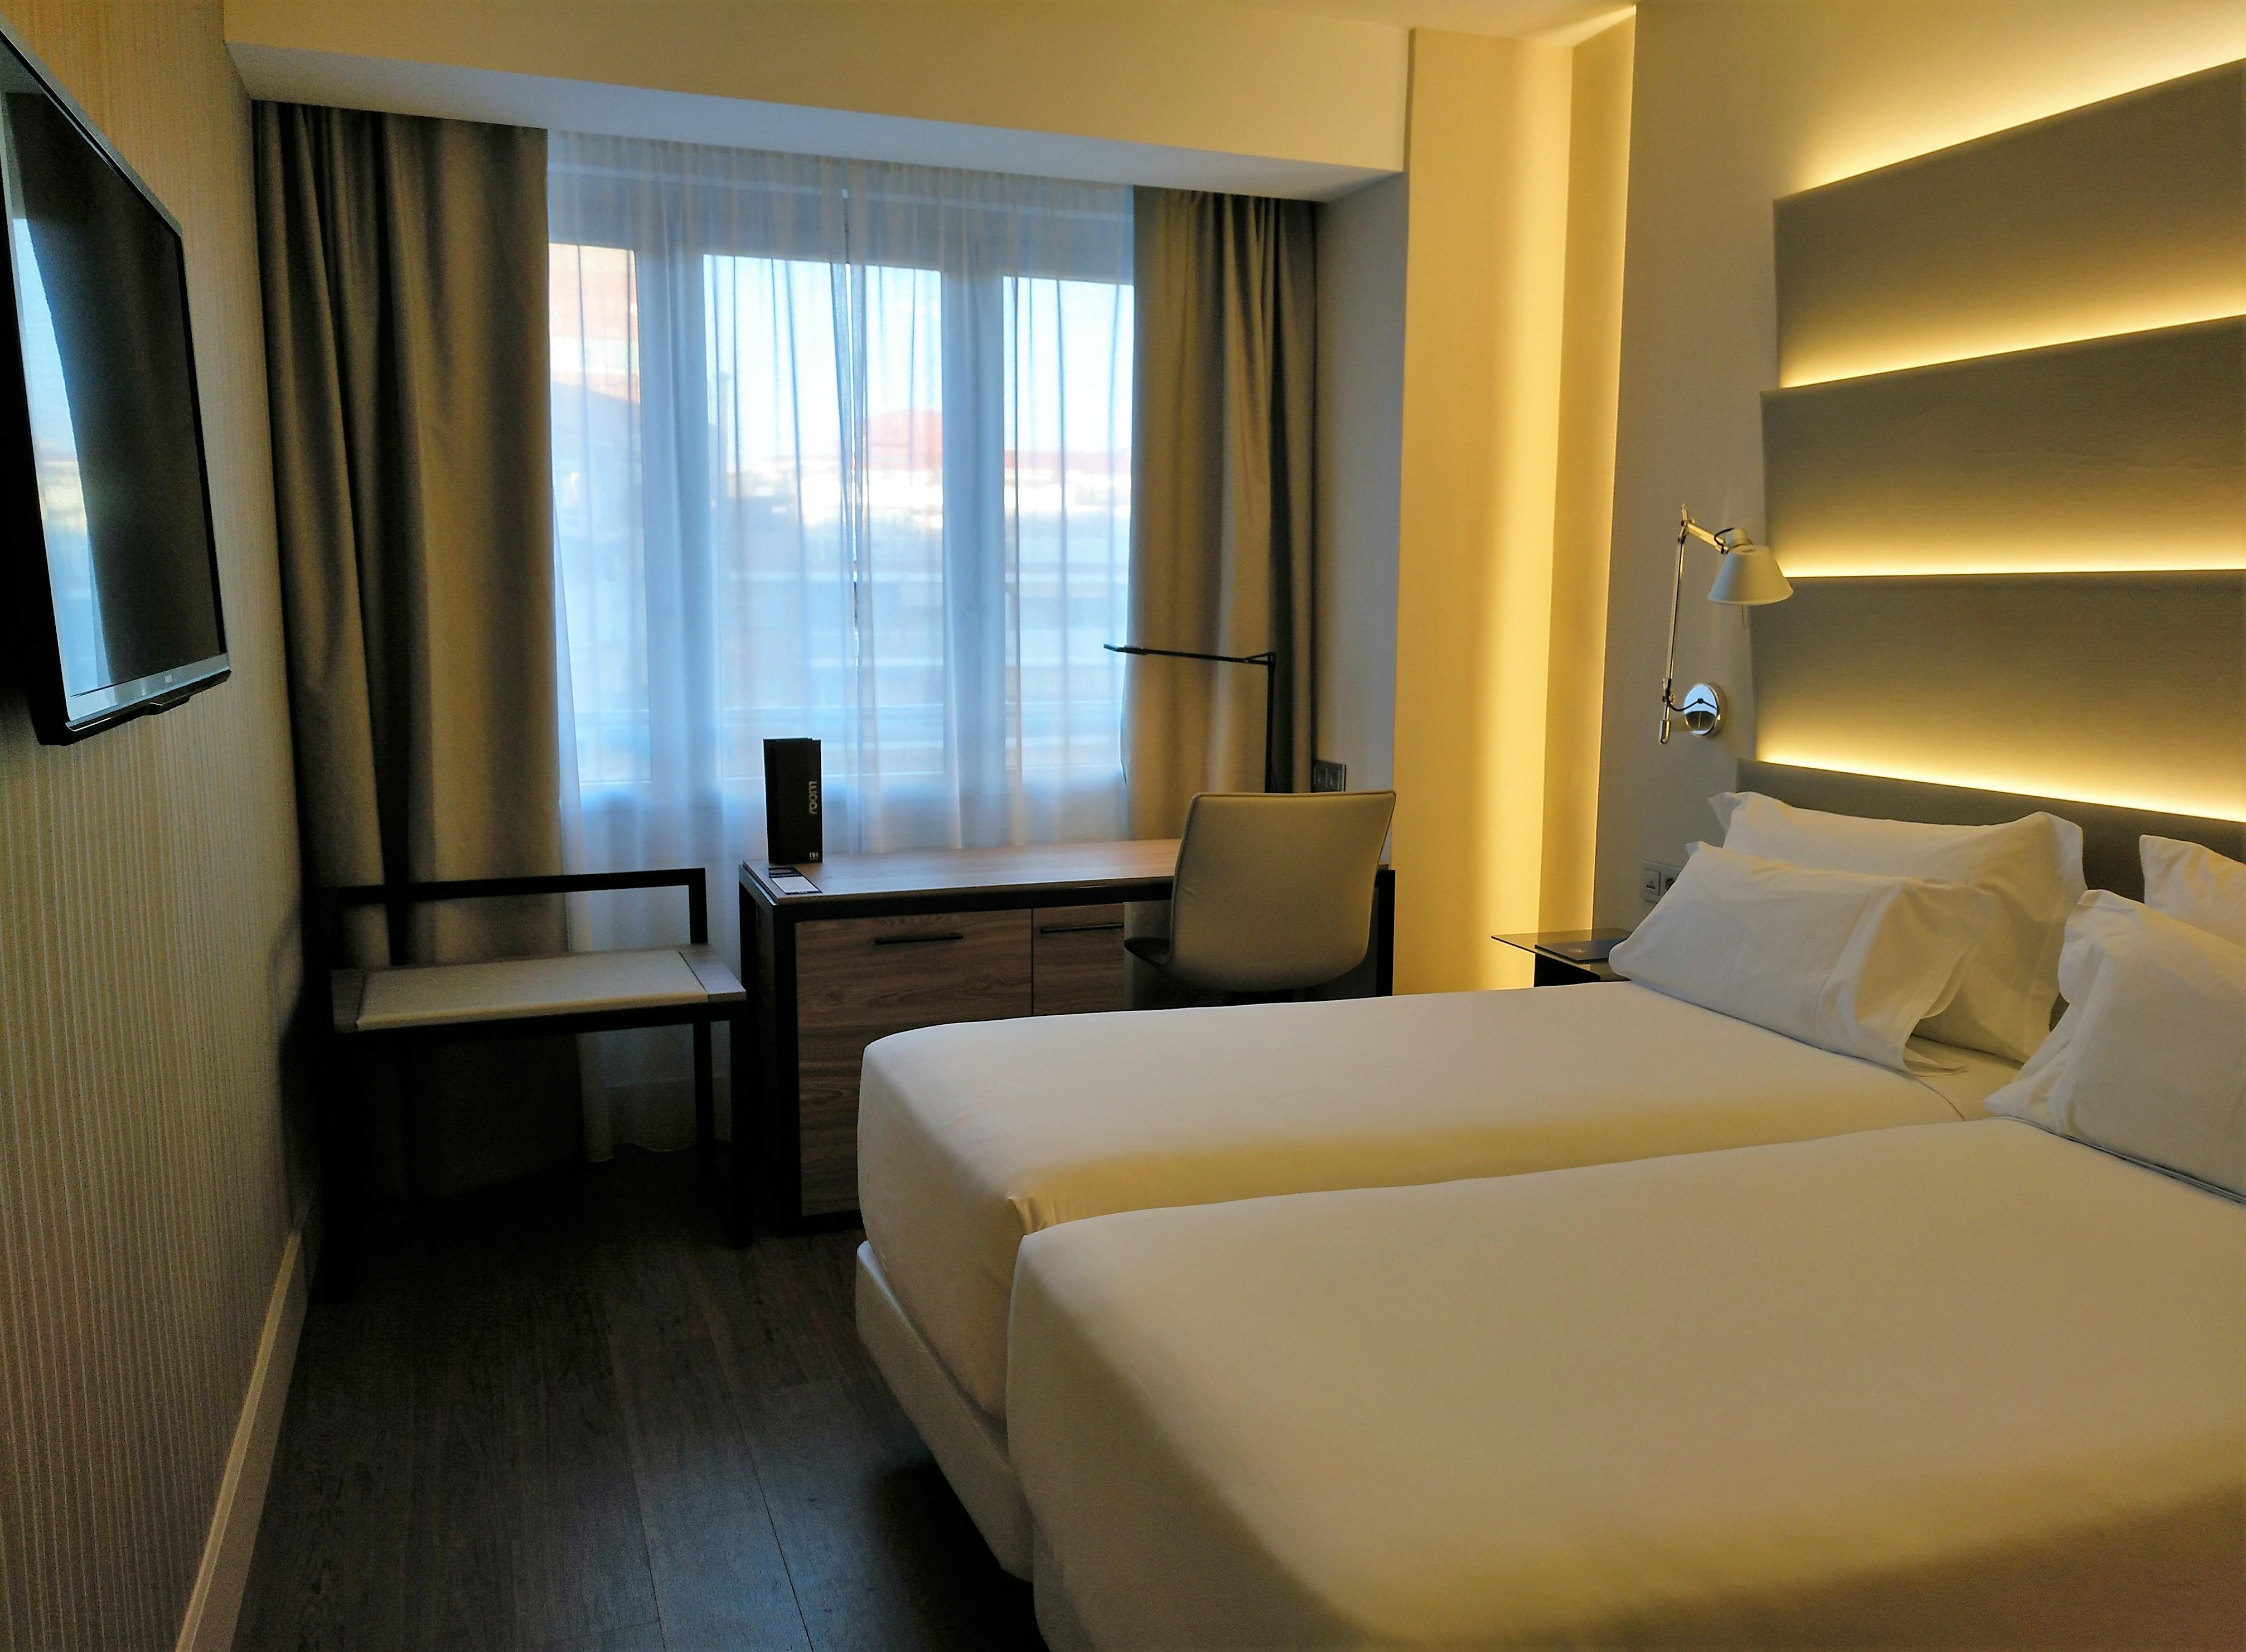 REQUENA Y PLAZA se adjudica la reforma de cuatro hoteles para NH Hotel Group